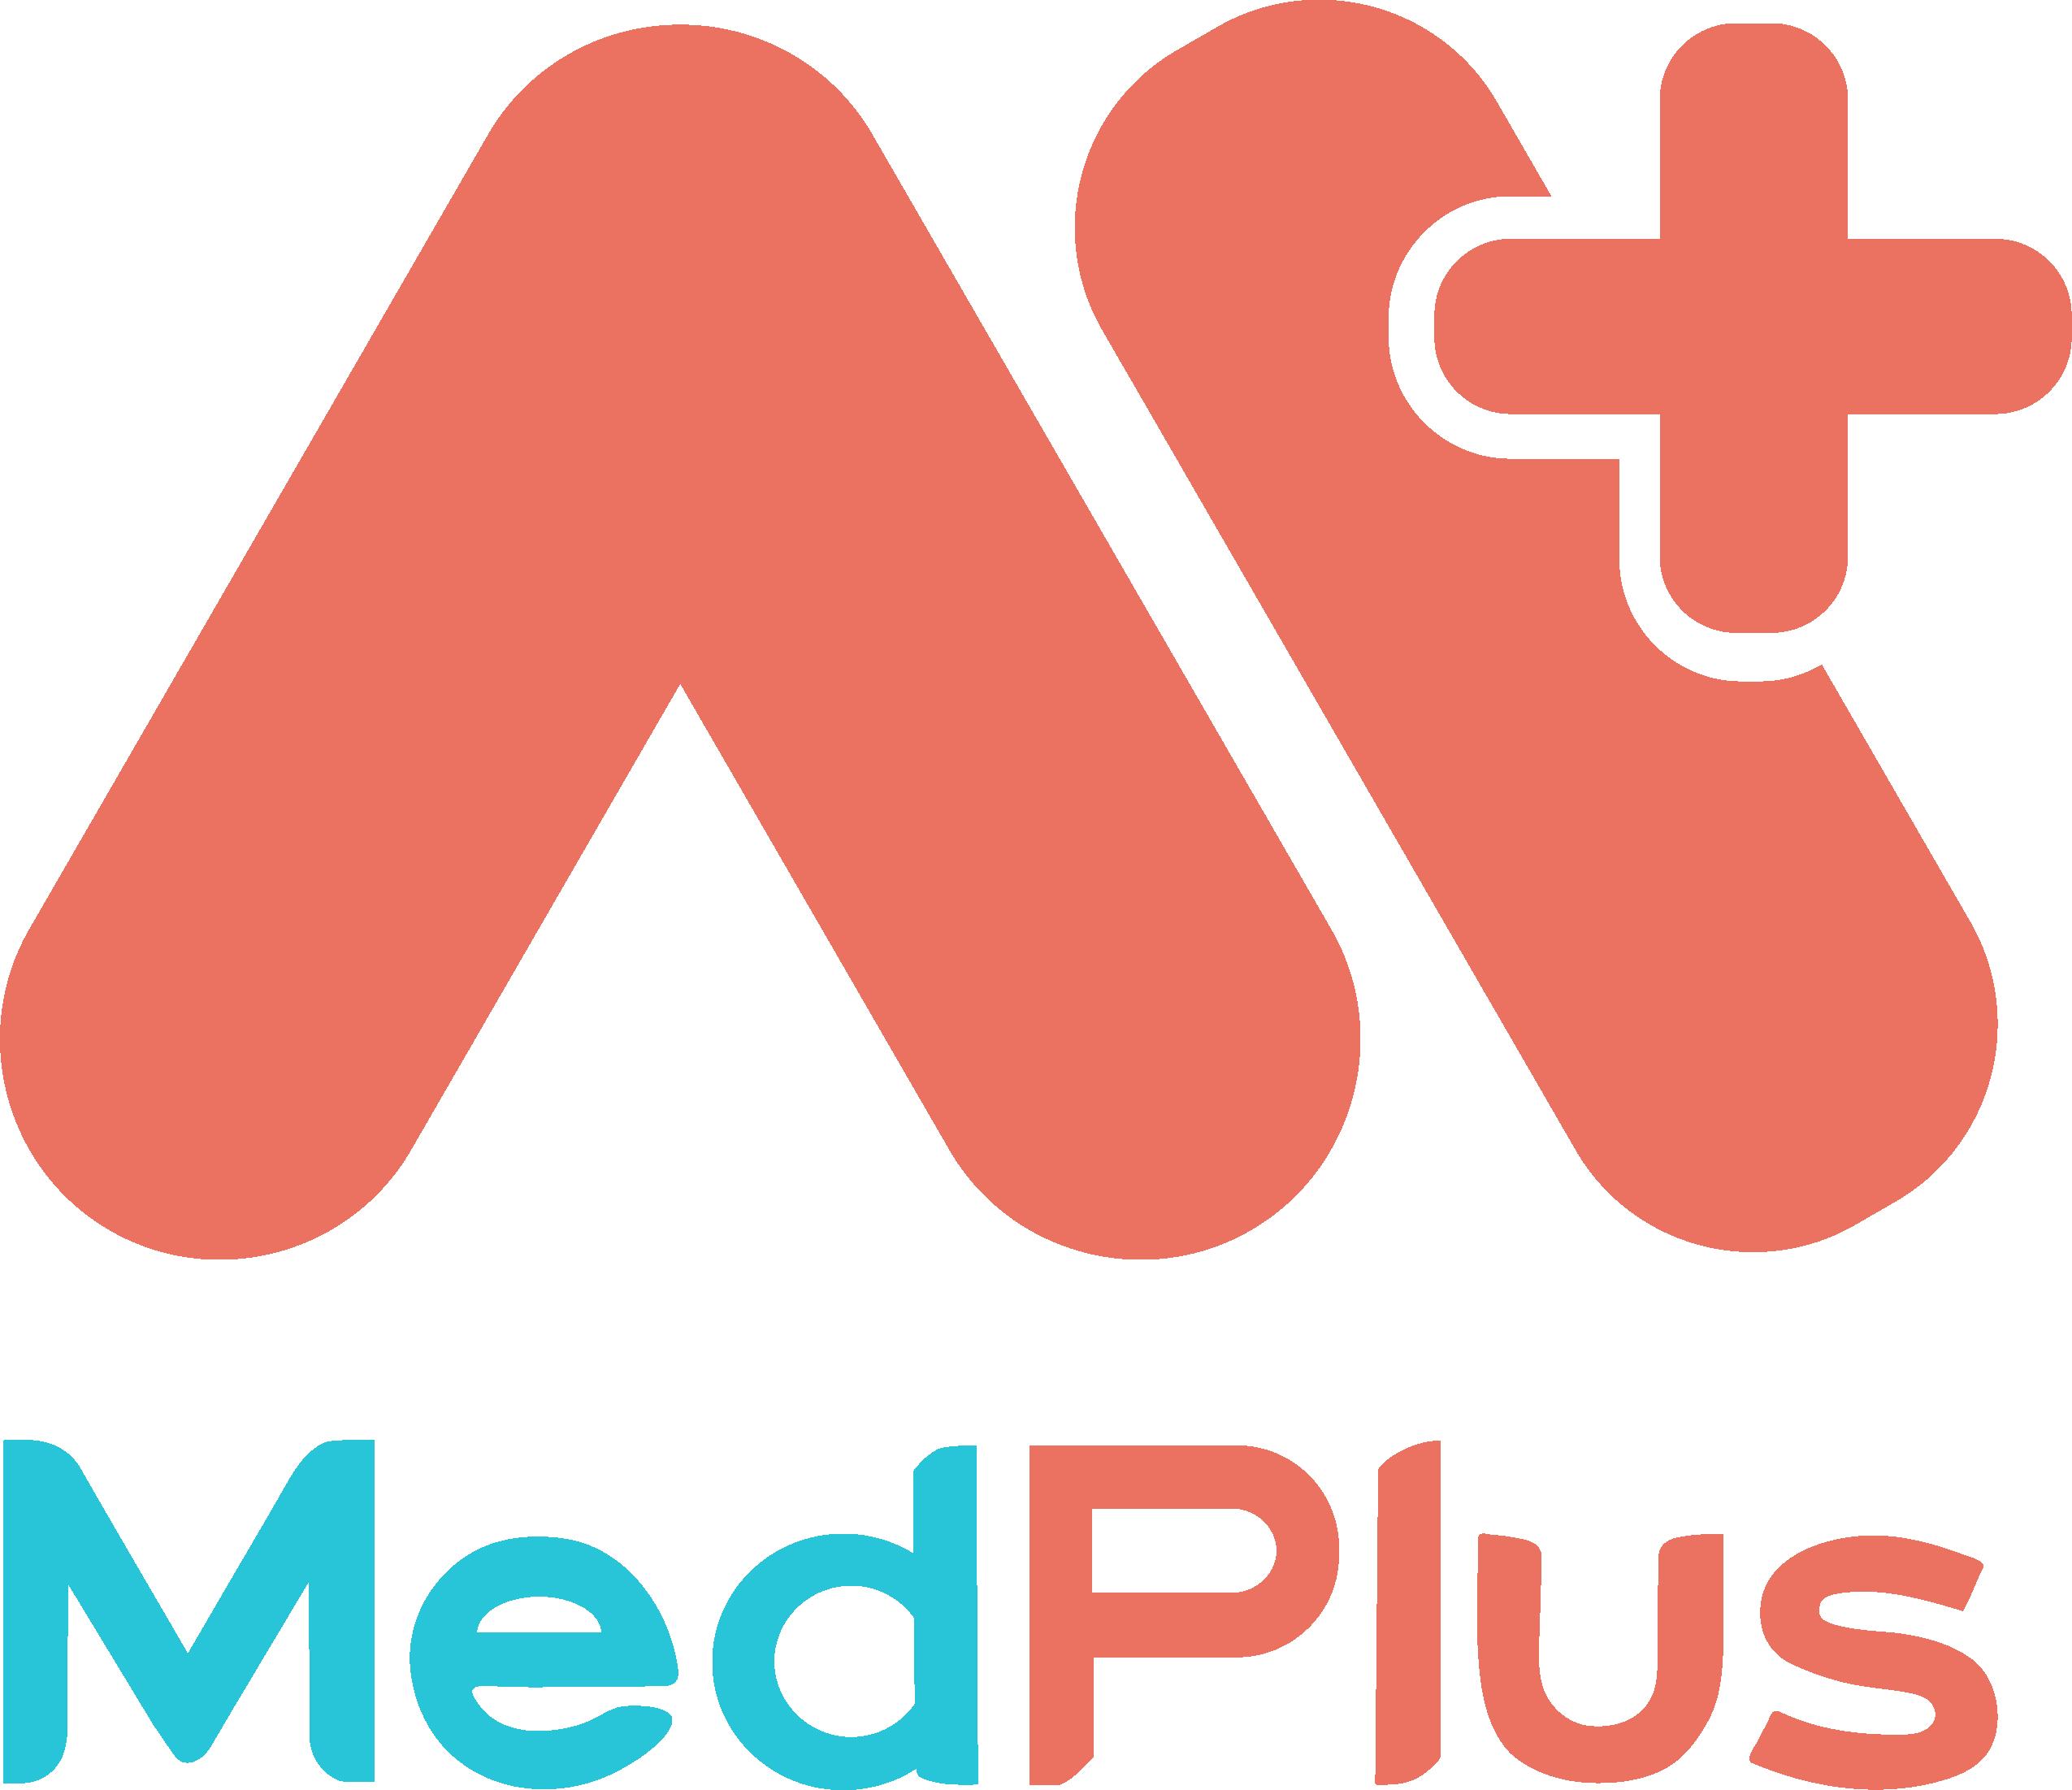 Medplus.vn